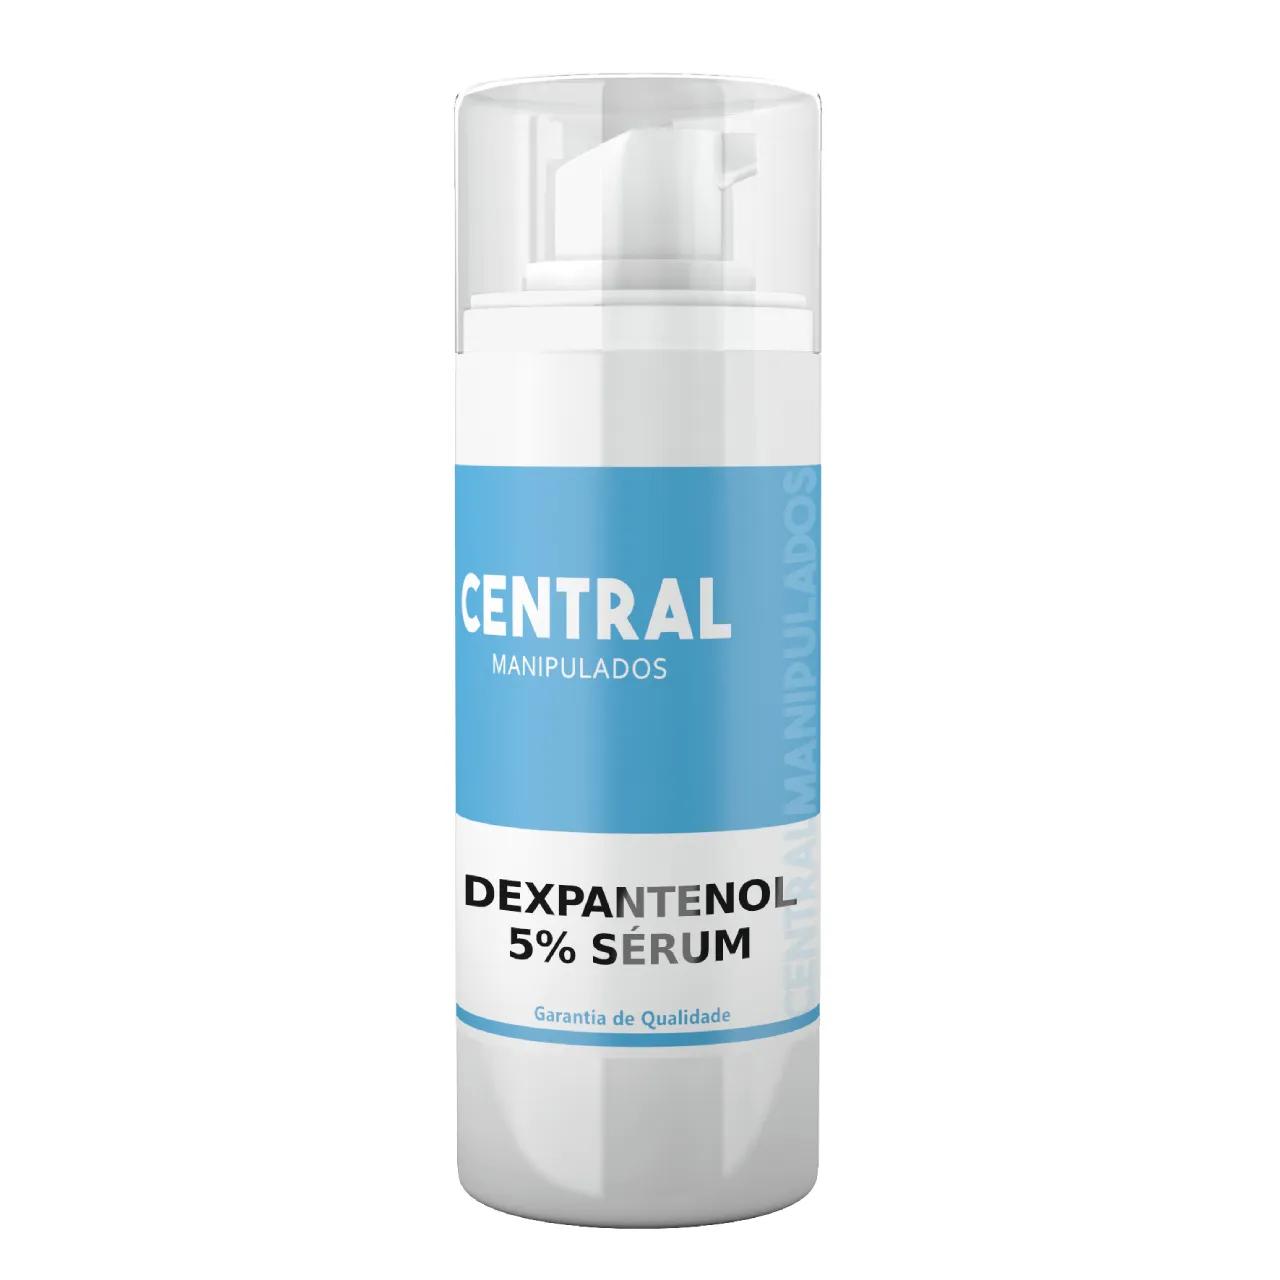 Dexpantenol 5%  Sérum - Hidratante e Antioxidante, Espessura dos fios e Reduz a Porosidade, Sela as cutículas